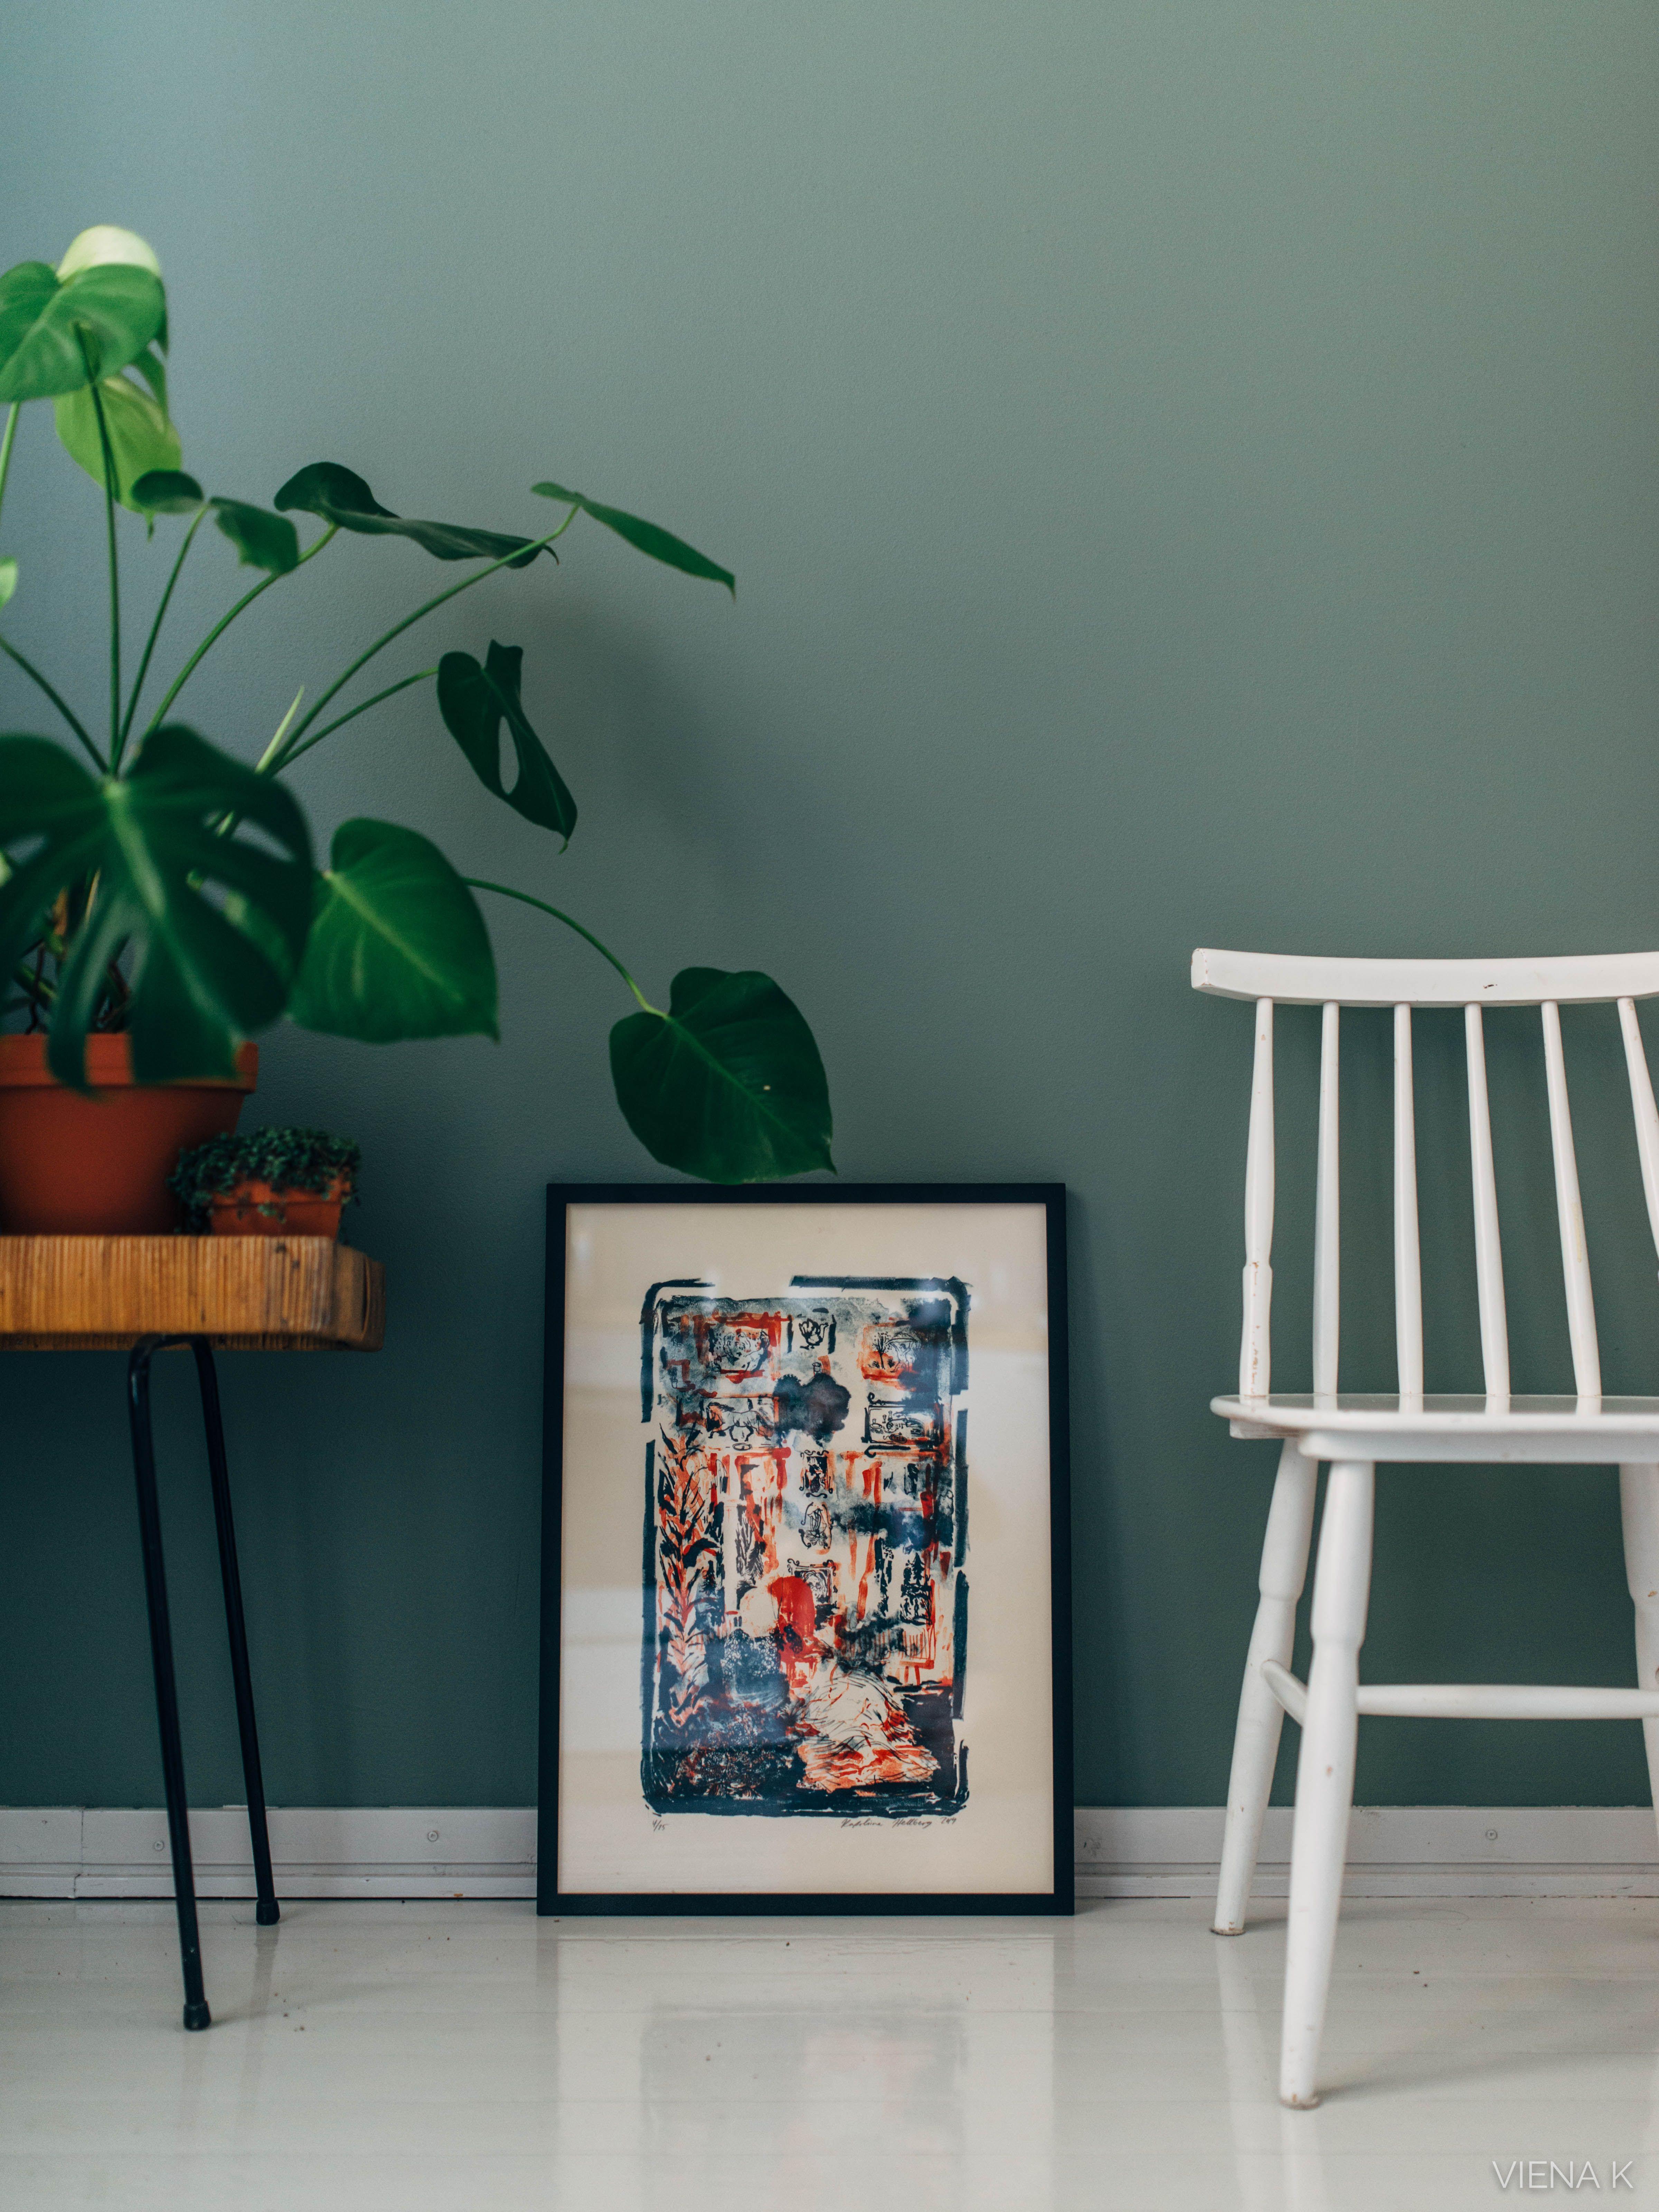 Keittiön uusi seinä ja pari diy-ideaa - toteutus Tikkurilan sävylupaus-mallin avulla. Sävyksi valikoitui Hazy-värikokoelman Nefriitti.